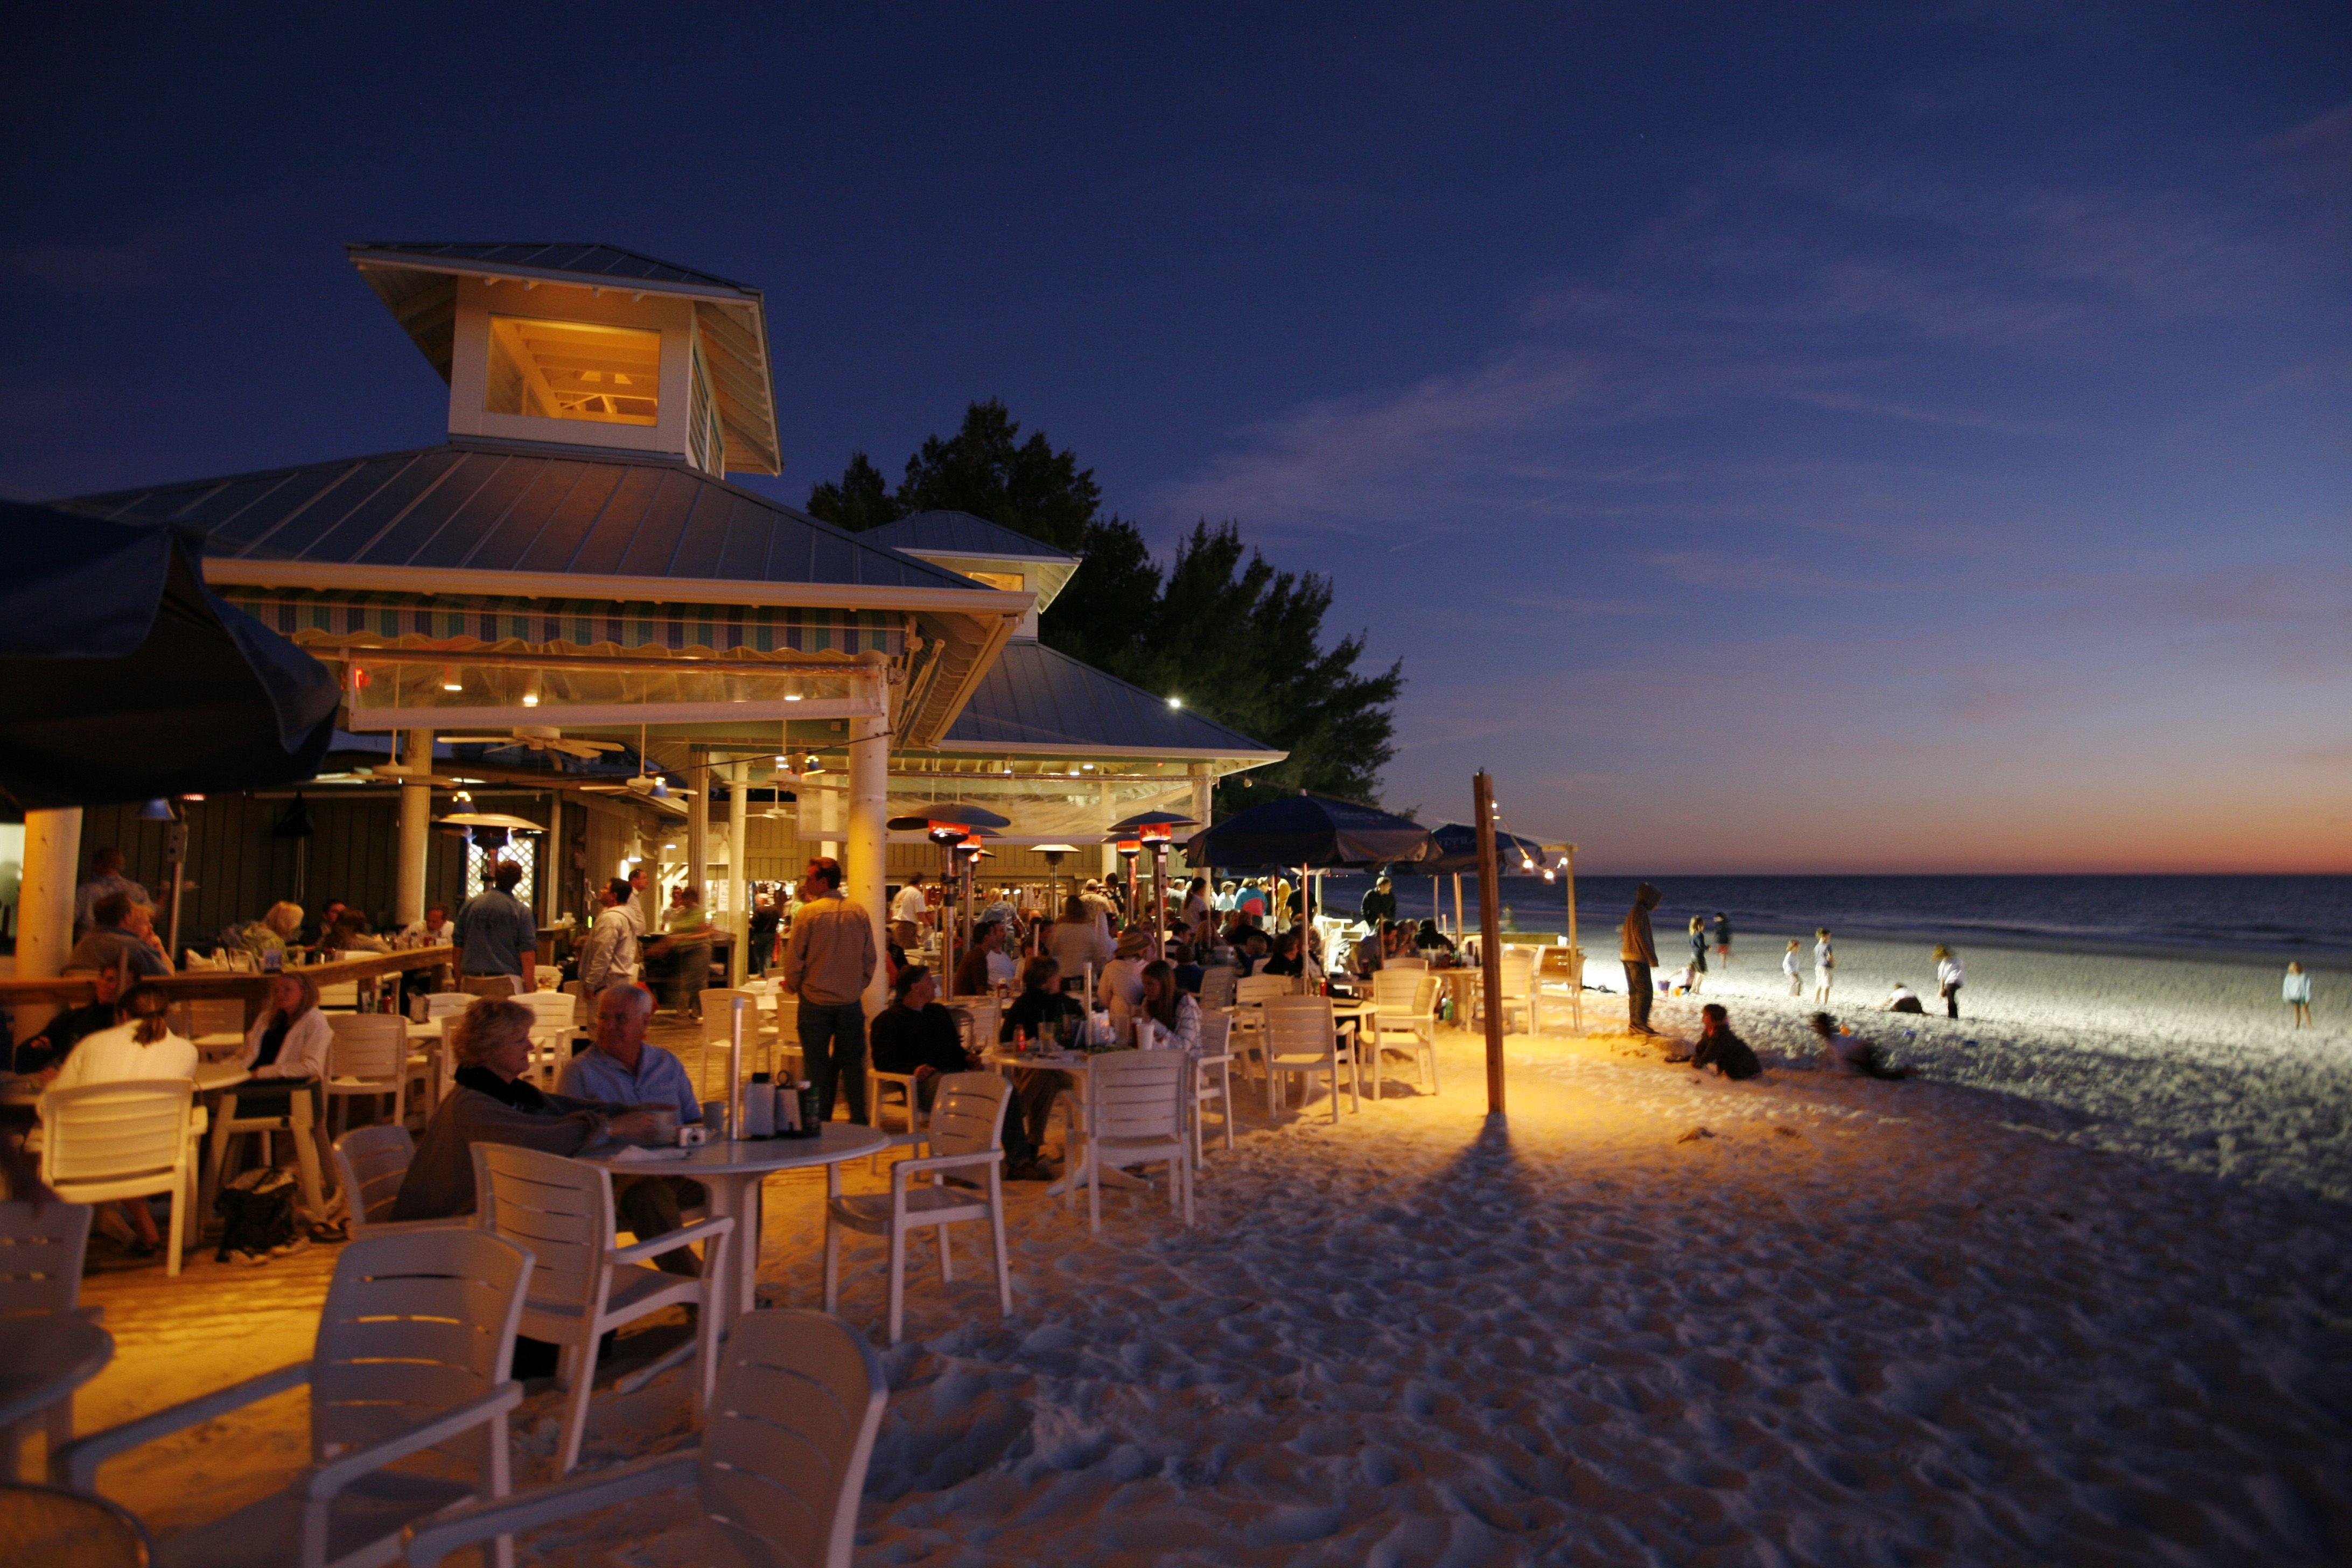 The Sandbar Restaurant Deck Anna Maria Island Against Which We